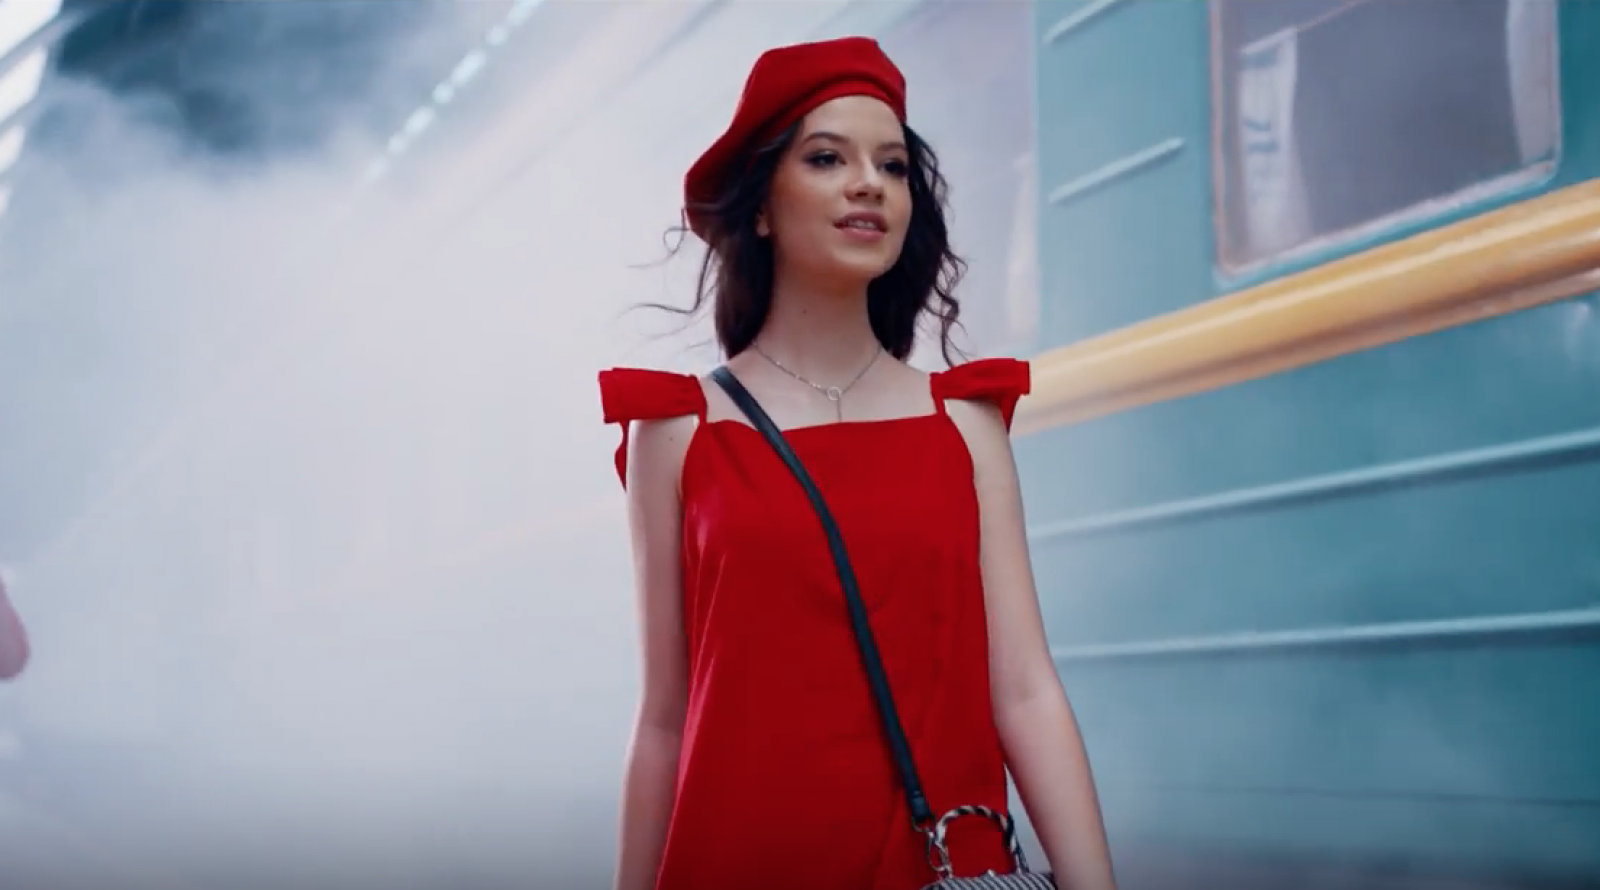 (video) După 13 ani, Cleopatra Stratan revine cu valiza pe peron. Cum arată în noul videoclip și cine este Ghiță de aceasta dată